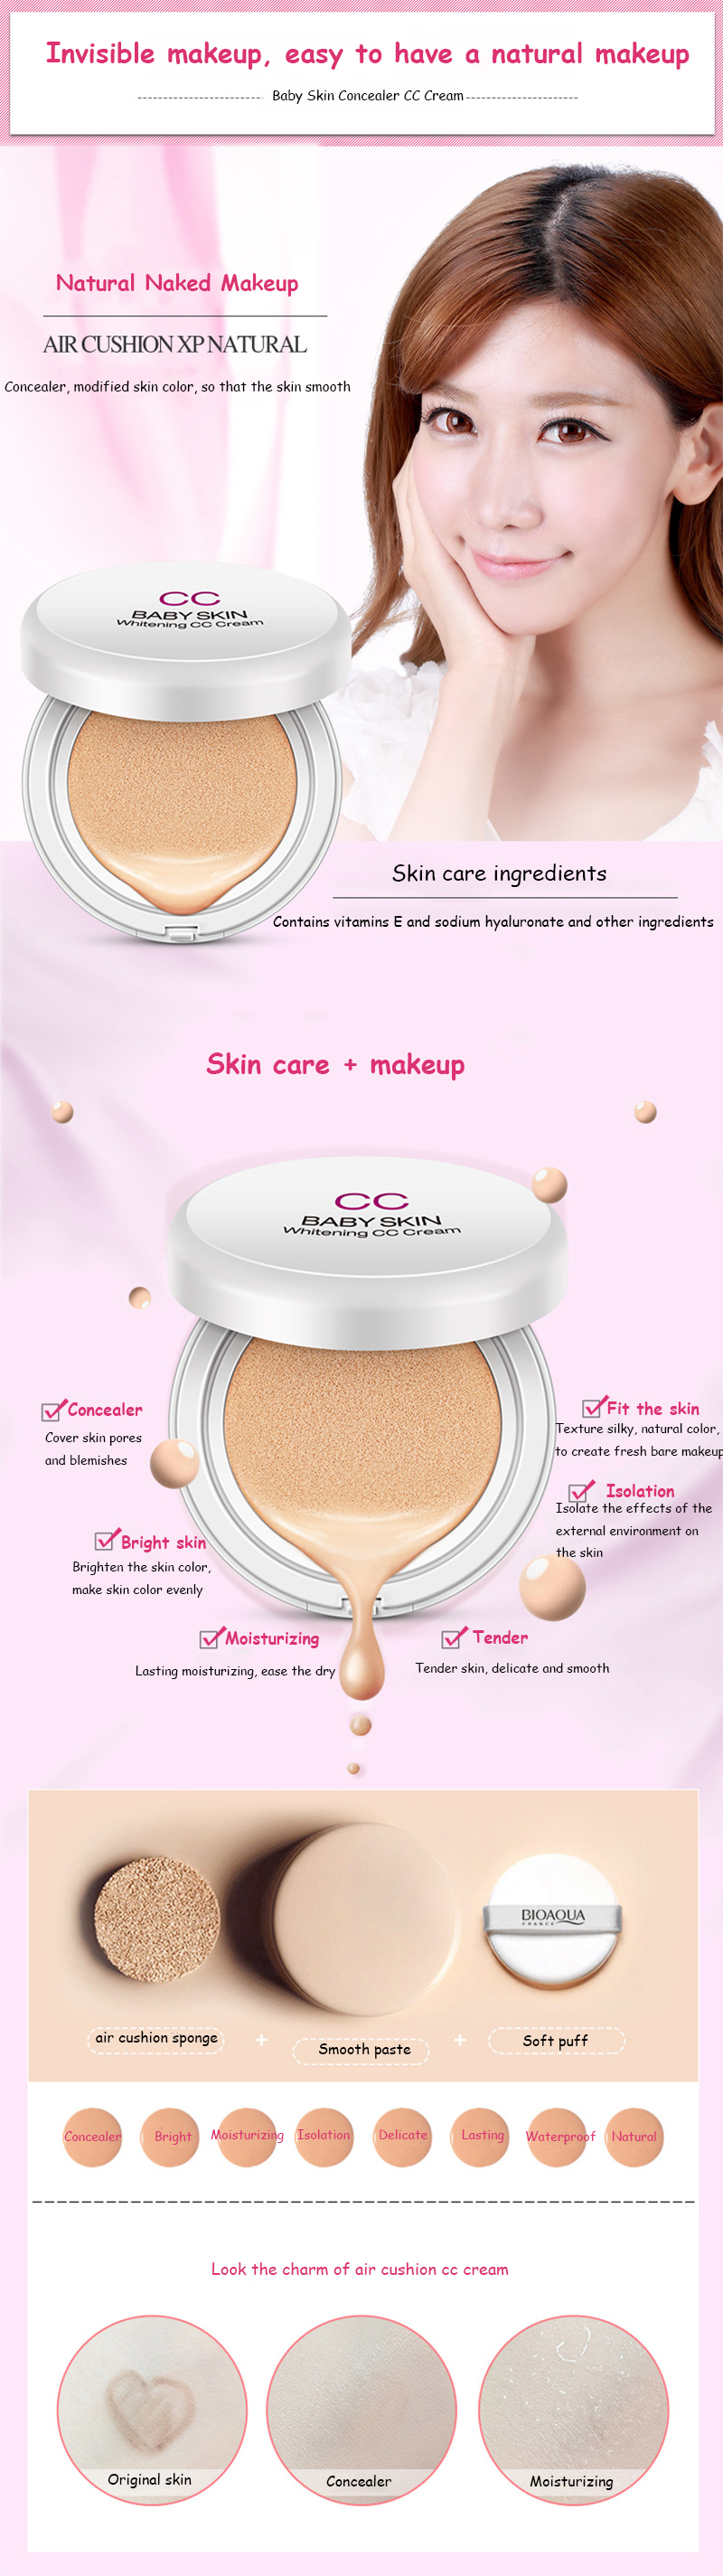 Bioaqua Brand Air Cushion Makeup Bb Cc Cream Whitening Moisturizer Bio Aqua Aircusion Getsubject Aeproduct